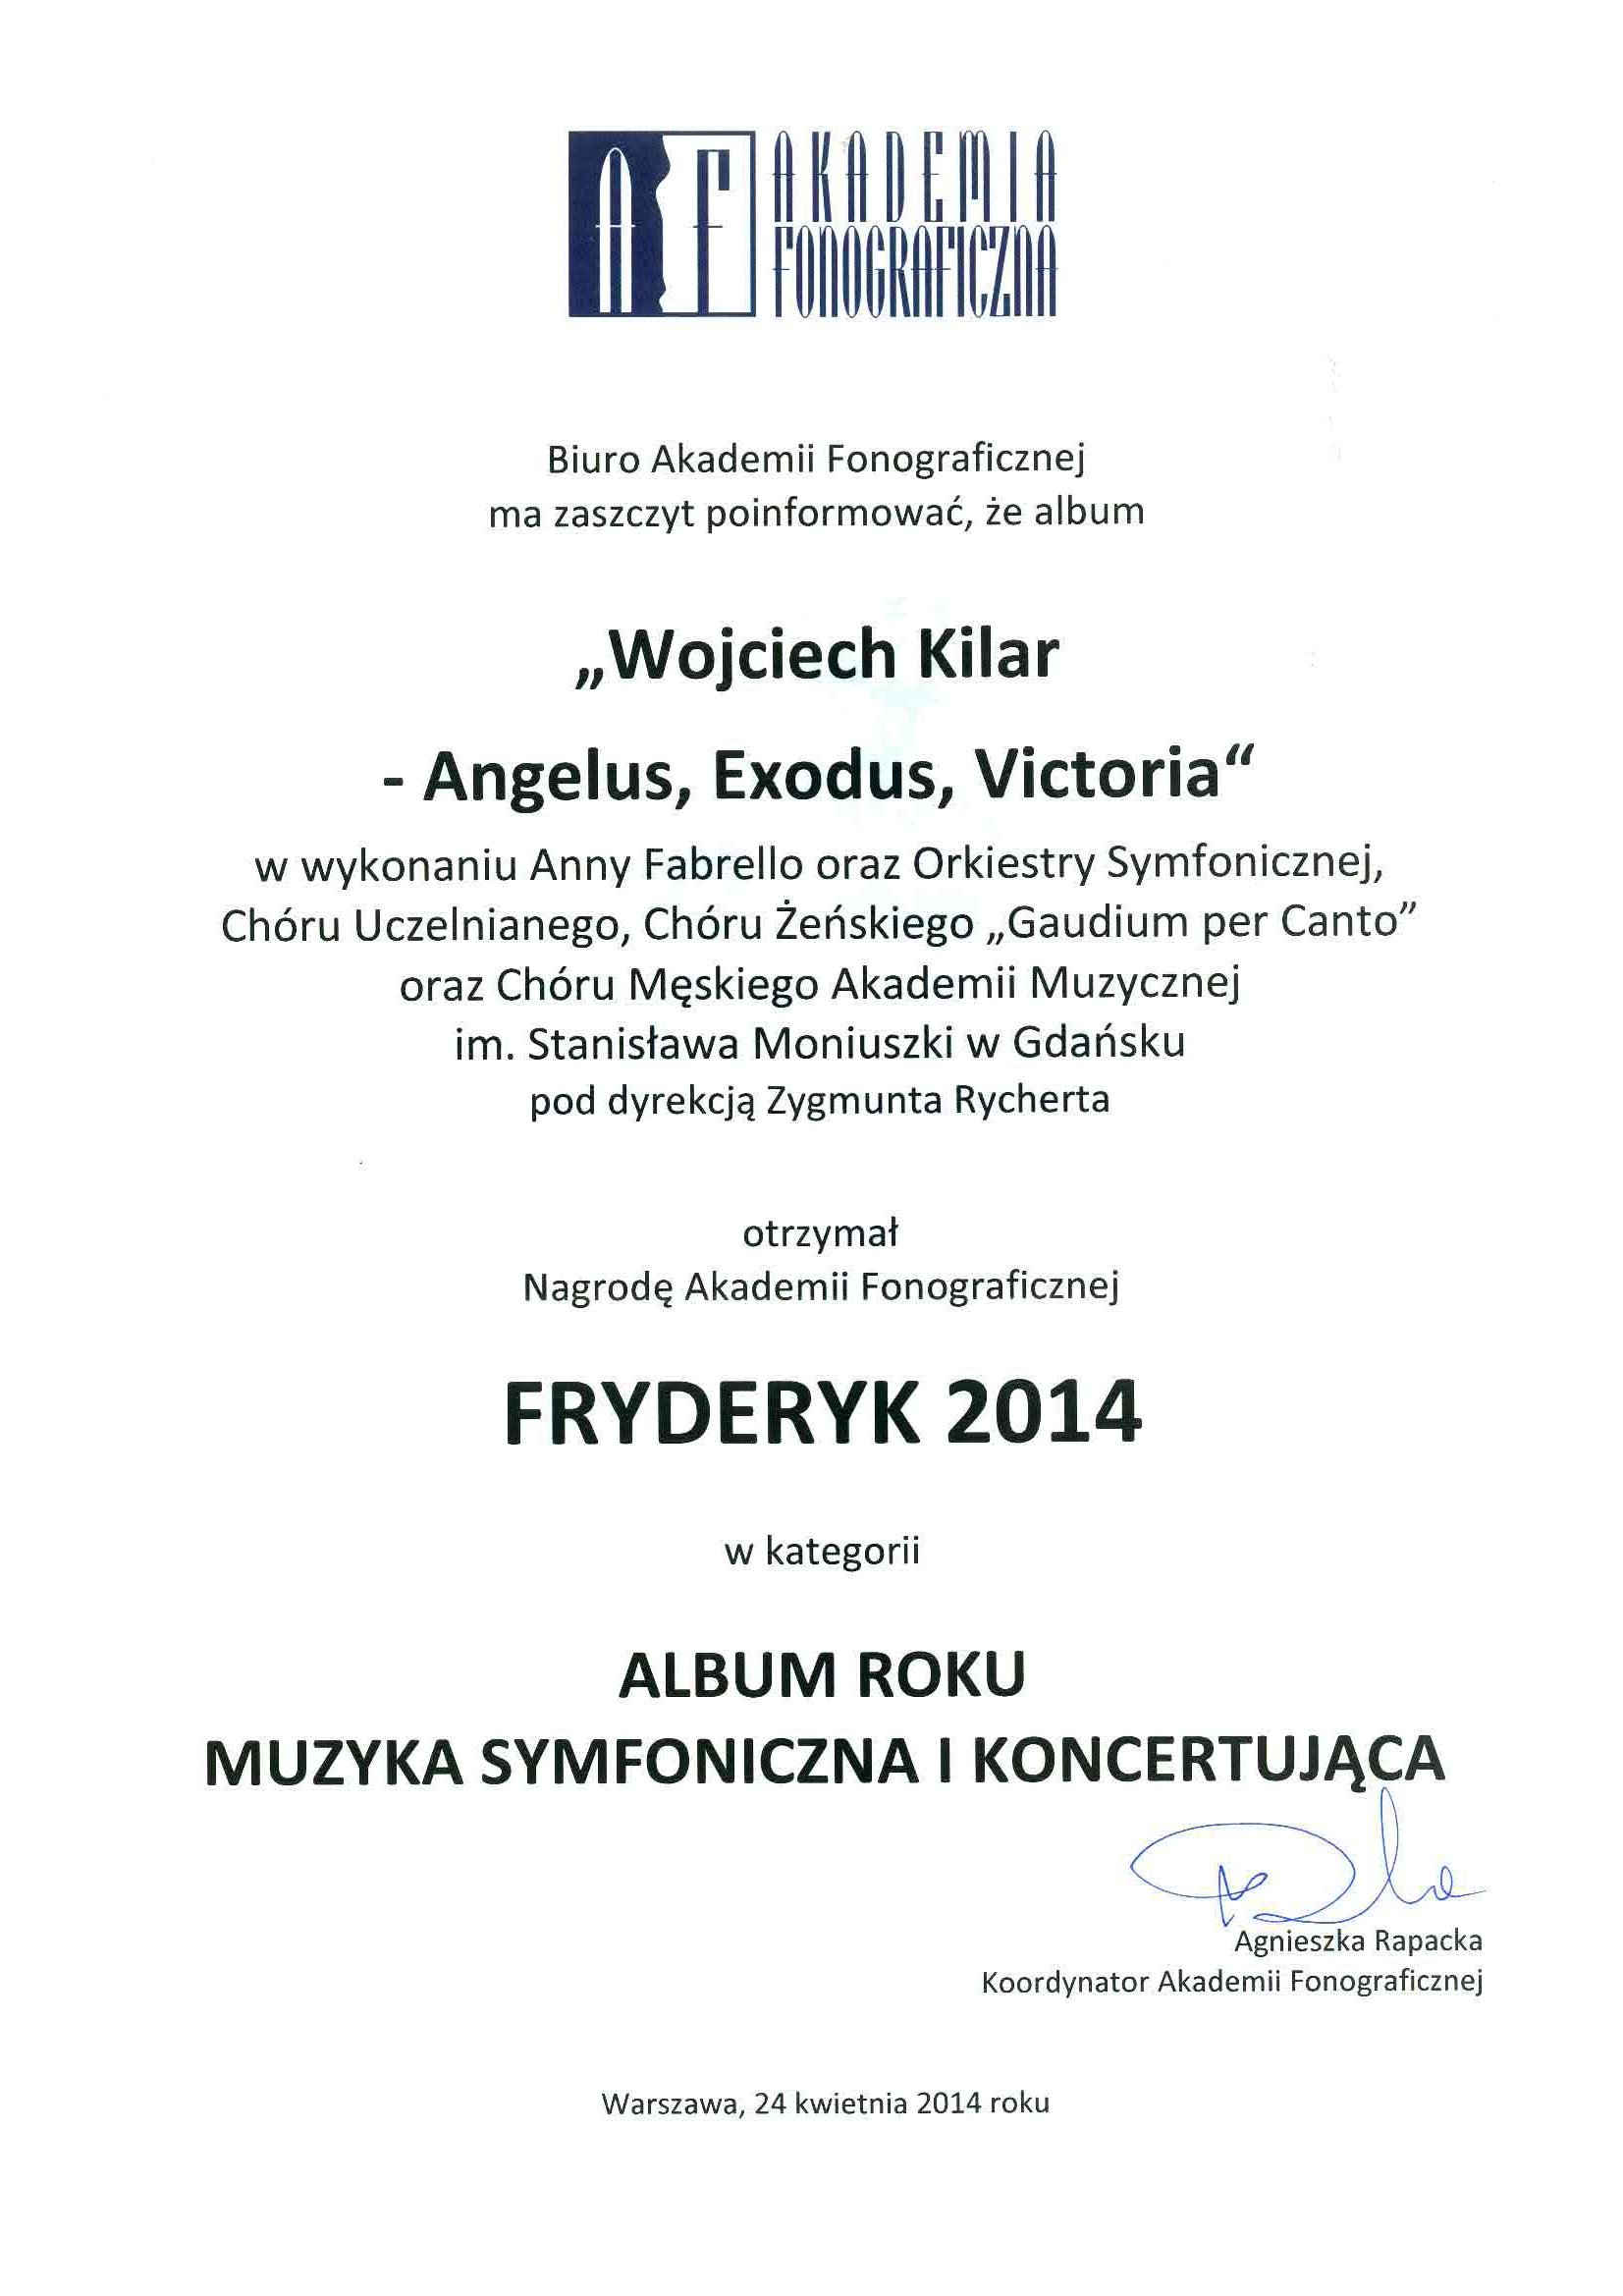 Fryderyki_2014_dyplom